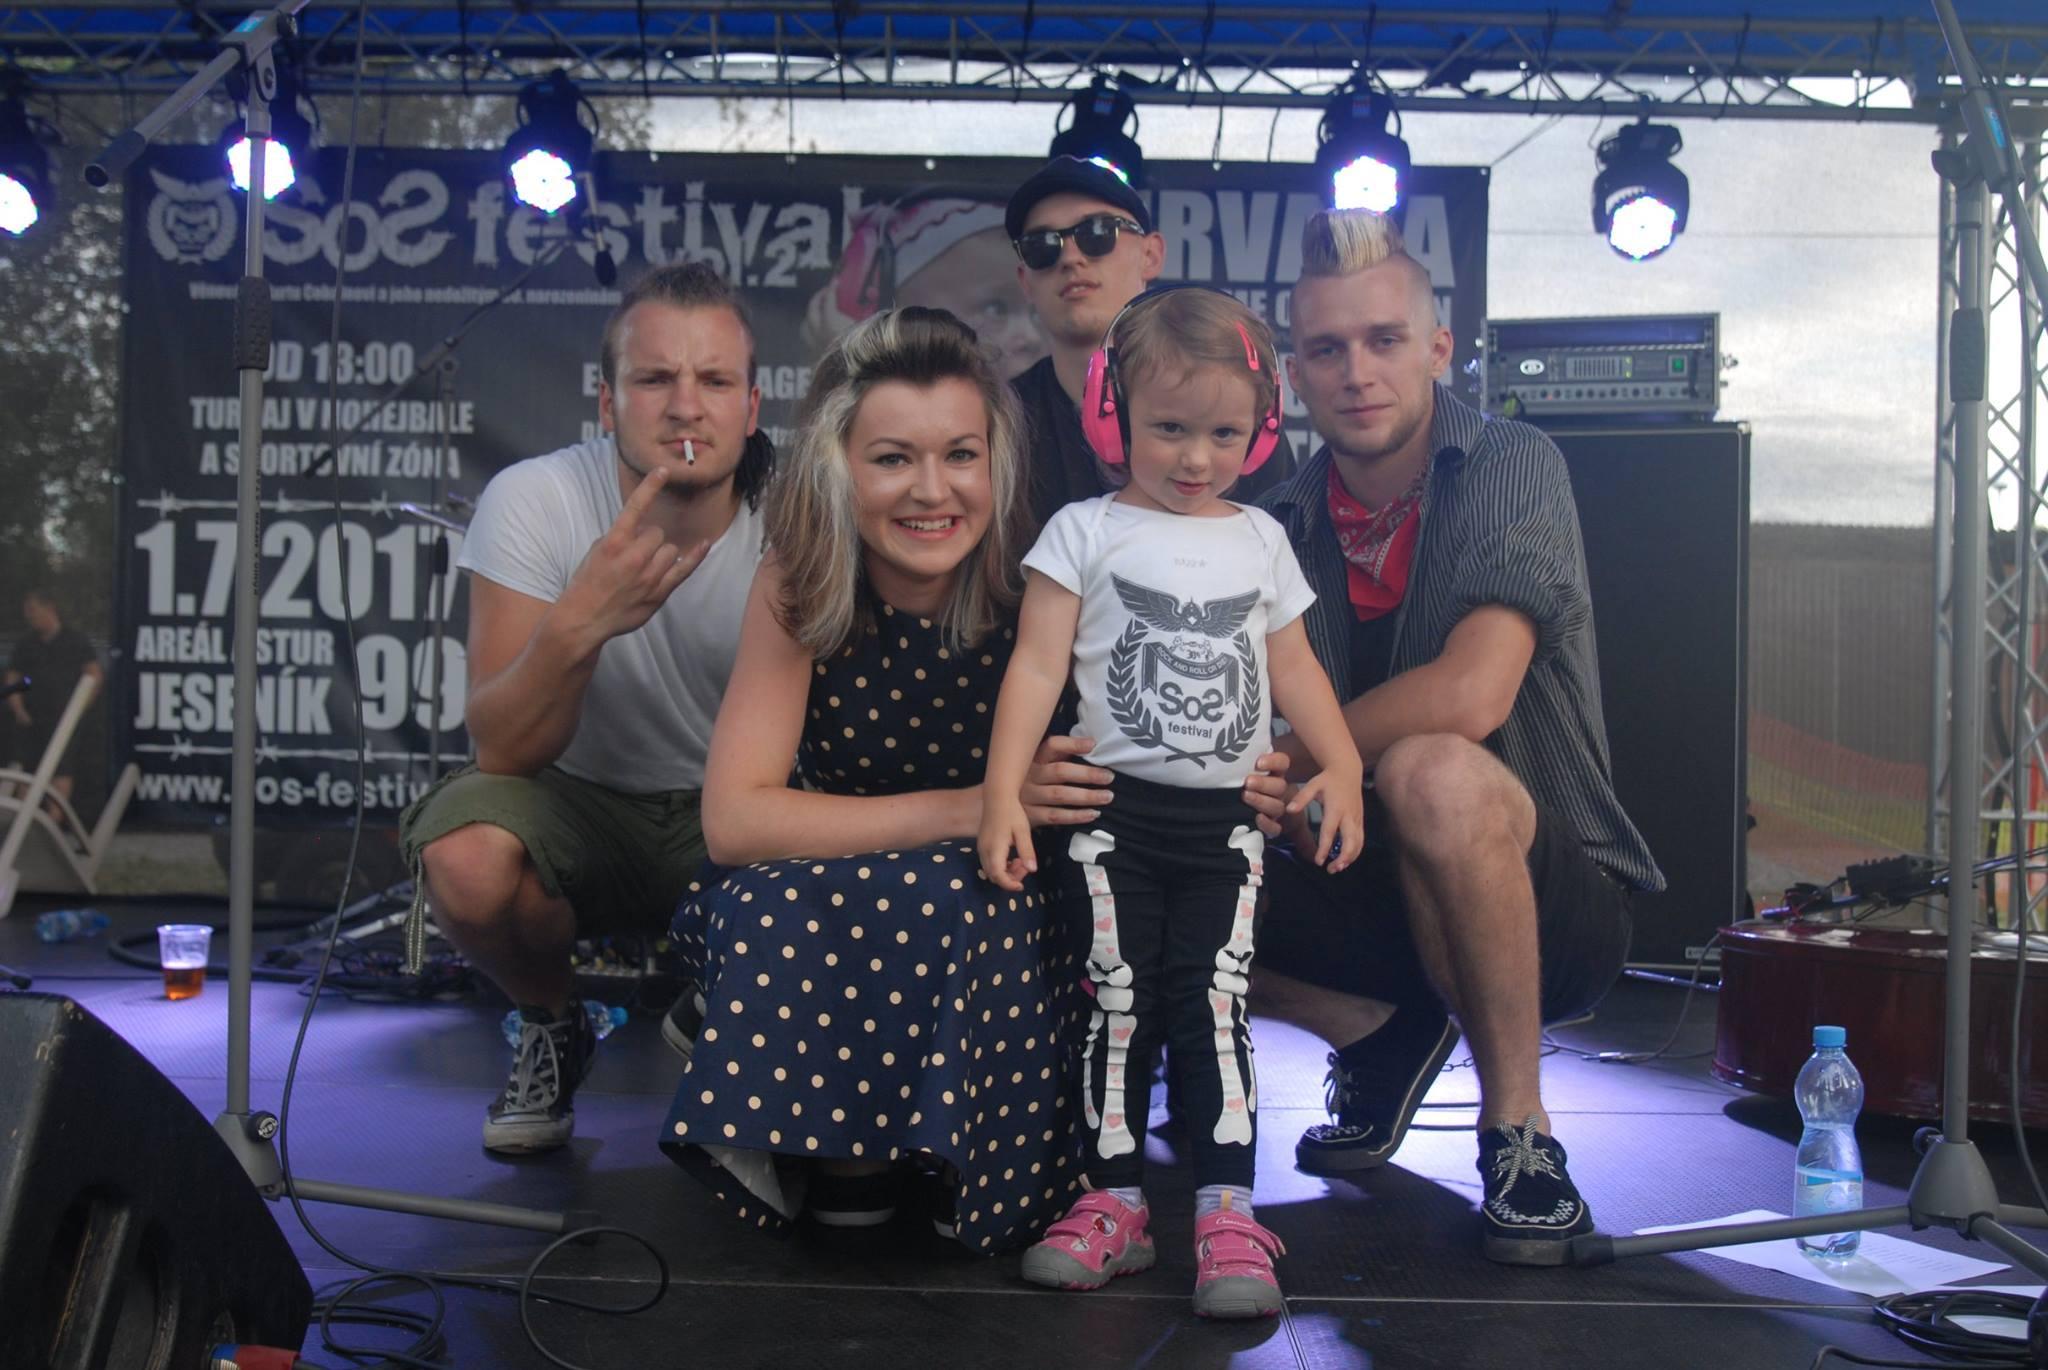 SOS festival opět nabídne pořádnou hudební nálož